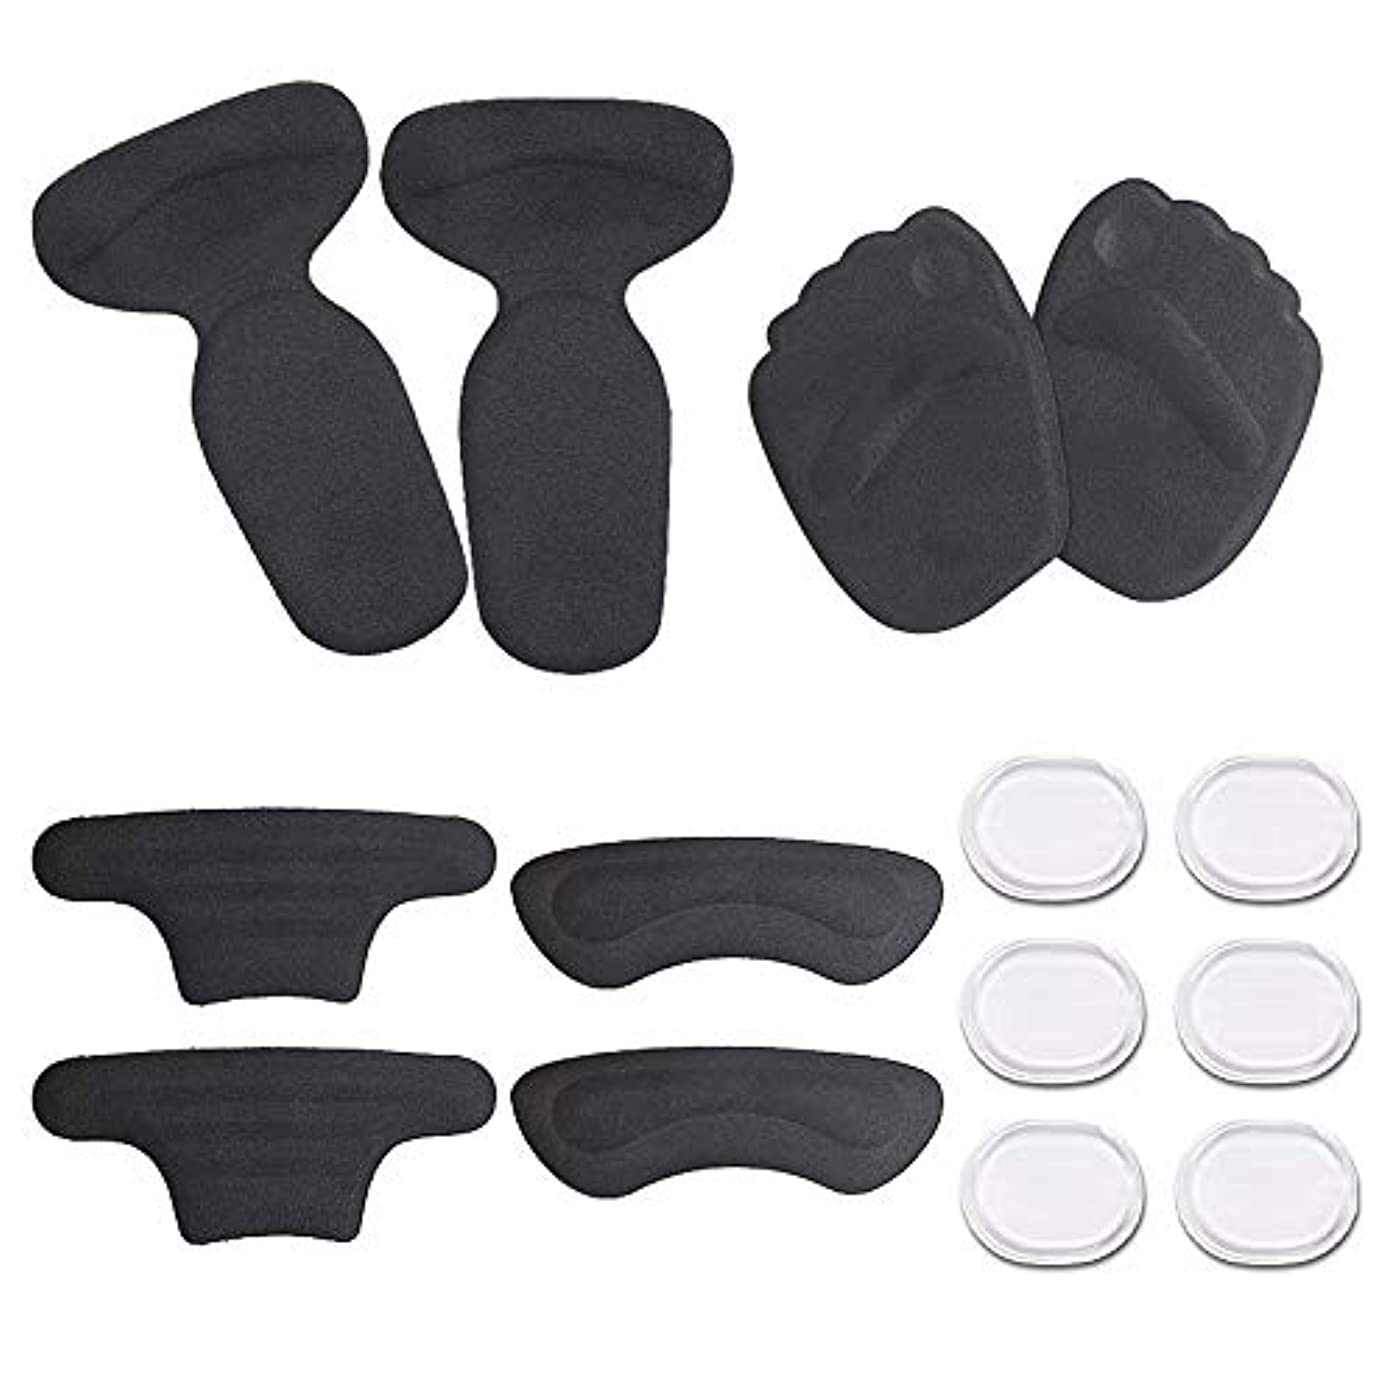 ハブ複雑な項目Sourcingbay ハイヒールパッド インソール 7足分セット つま先/足裏保護 靴ズレ防止 すべり止め レディース スナッグ かかと適用(5タイプあり)